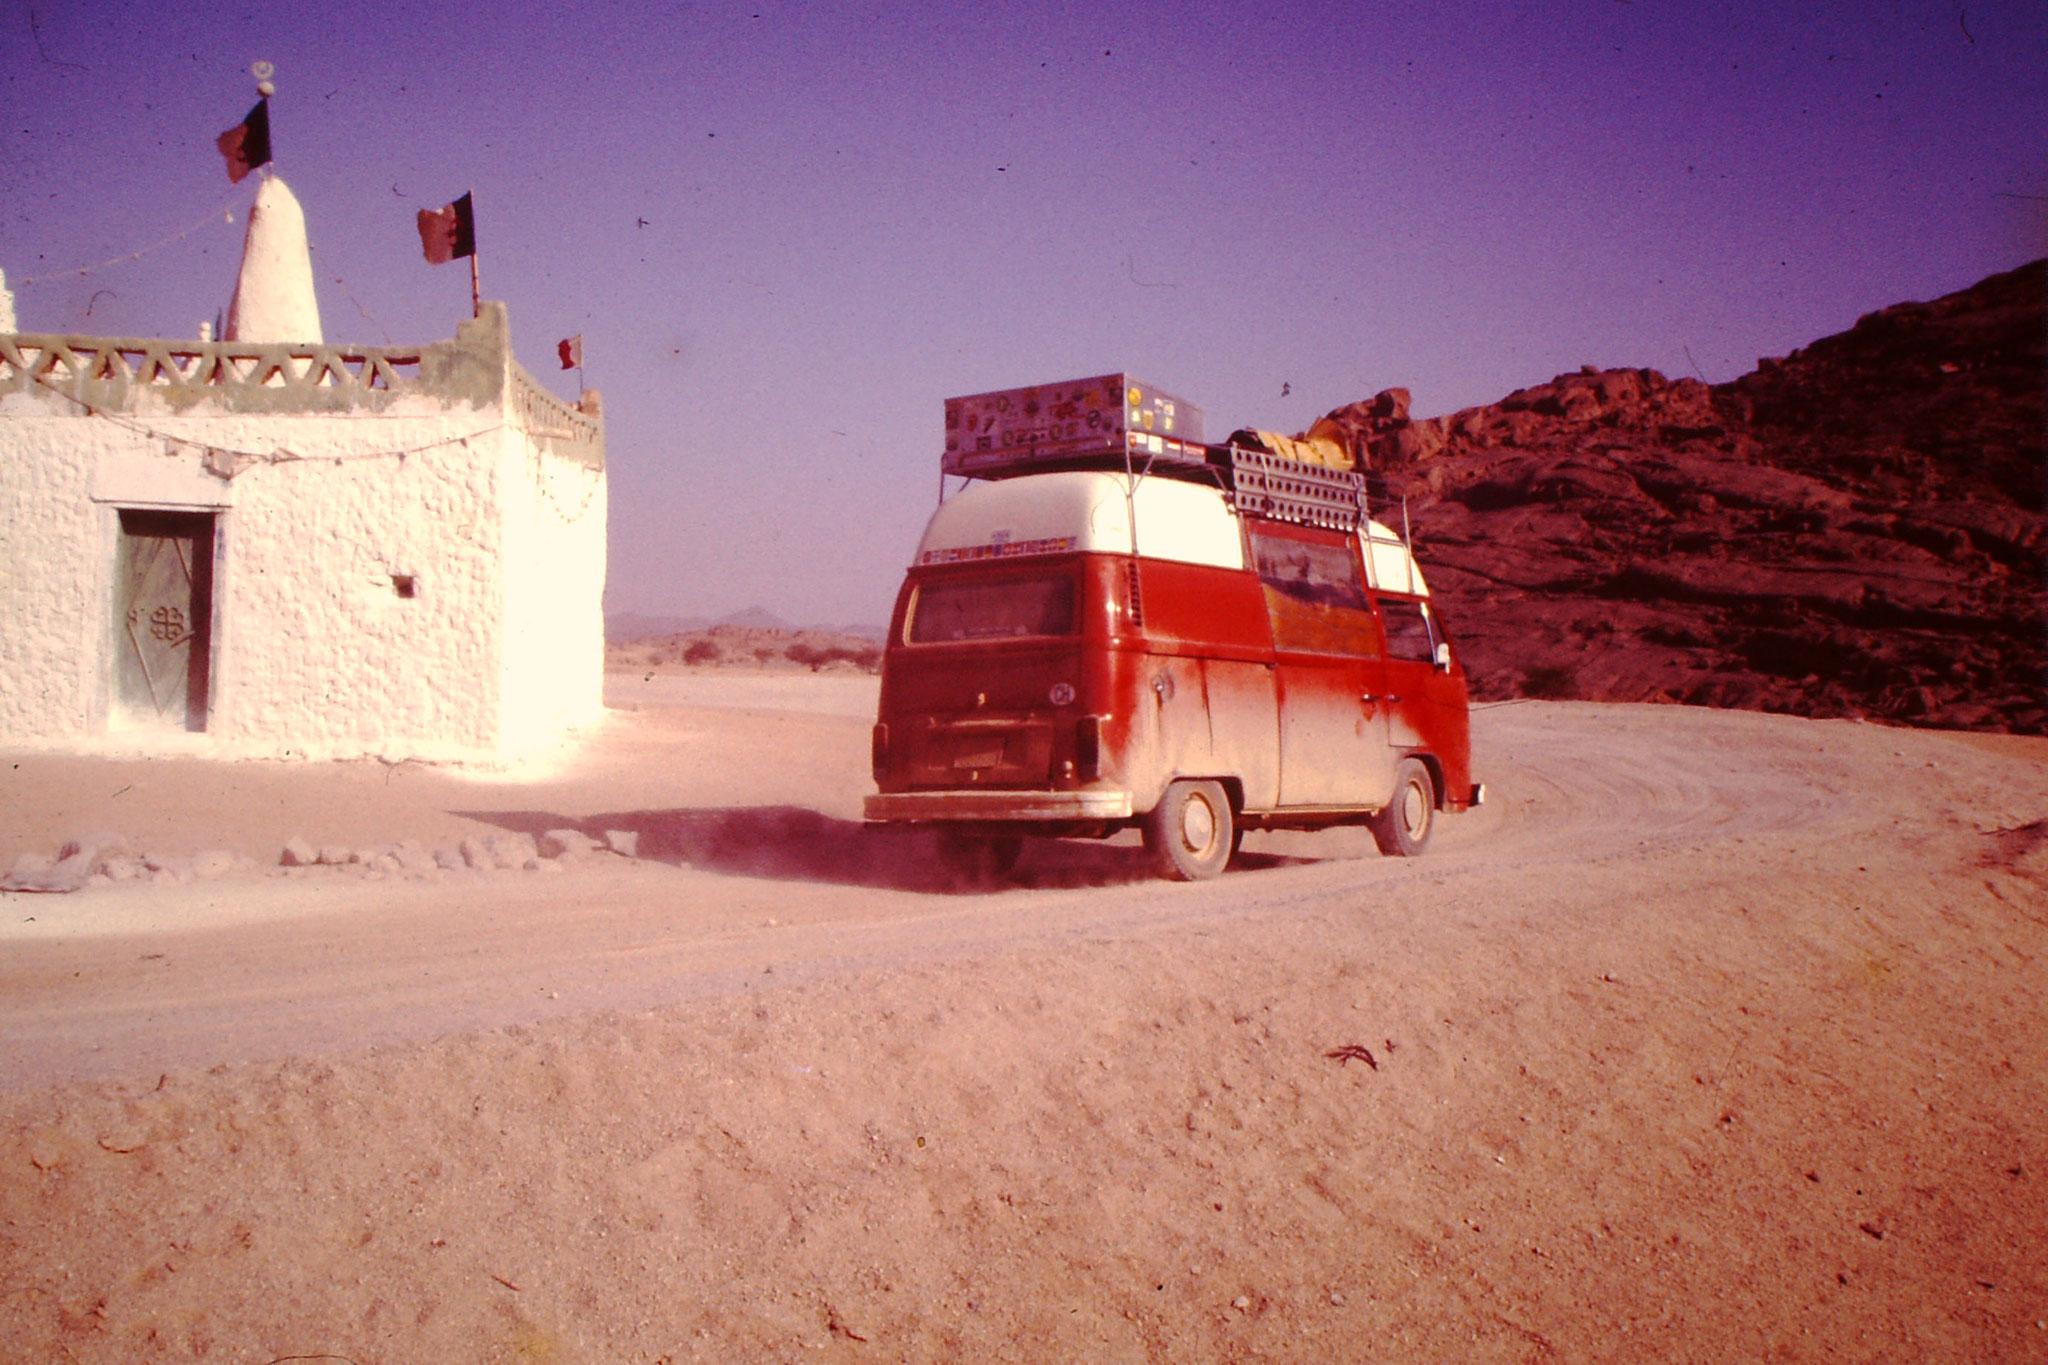 32. Beim Grab Hassan Moulay musste man 3 mal um das Grab fahren, damit man für den Rest der Sahara Glück hatte. Auch grosse Lastwagen und Sattelschlepper hielten sich daran. Seit die Teerstrasse weit östlich davon vorbeiführt, geht diese Tradition langsam